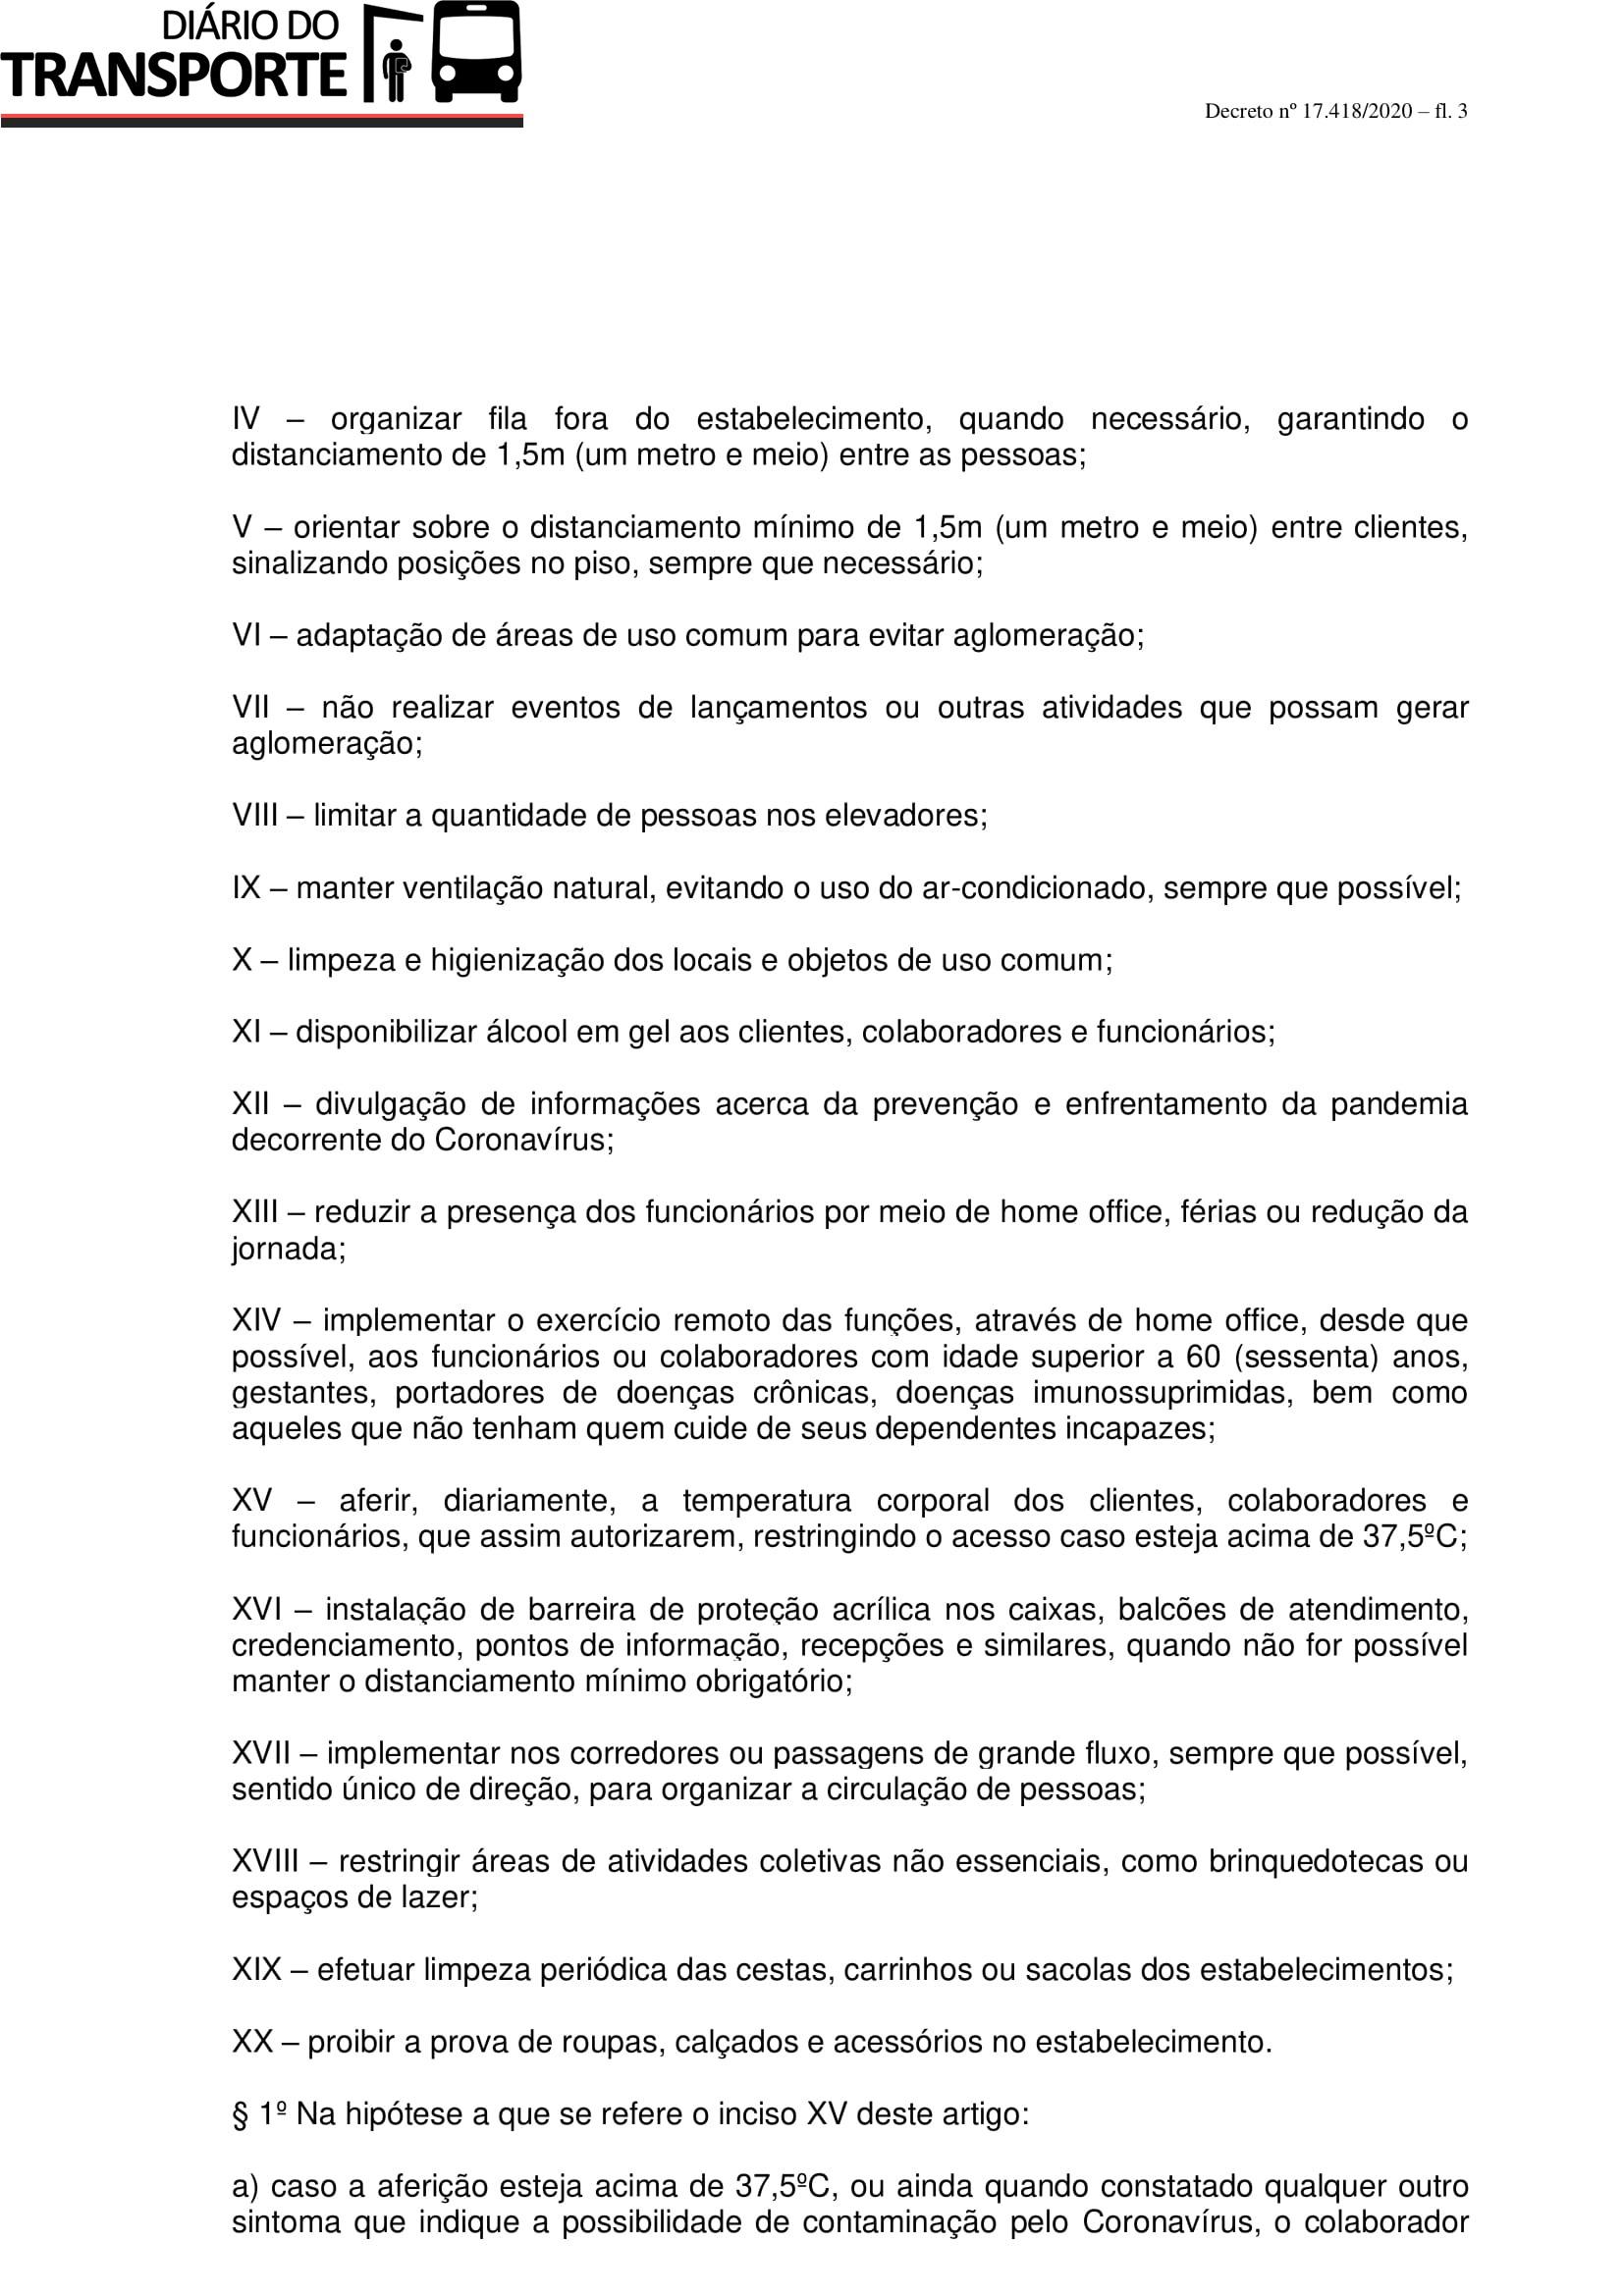 Decreto nº 17.418 (Retomada gradual e consciente da economia - fase amarela)-3